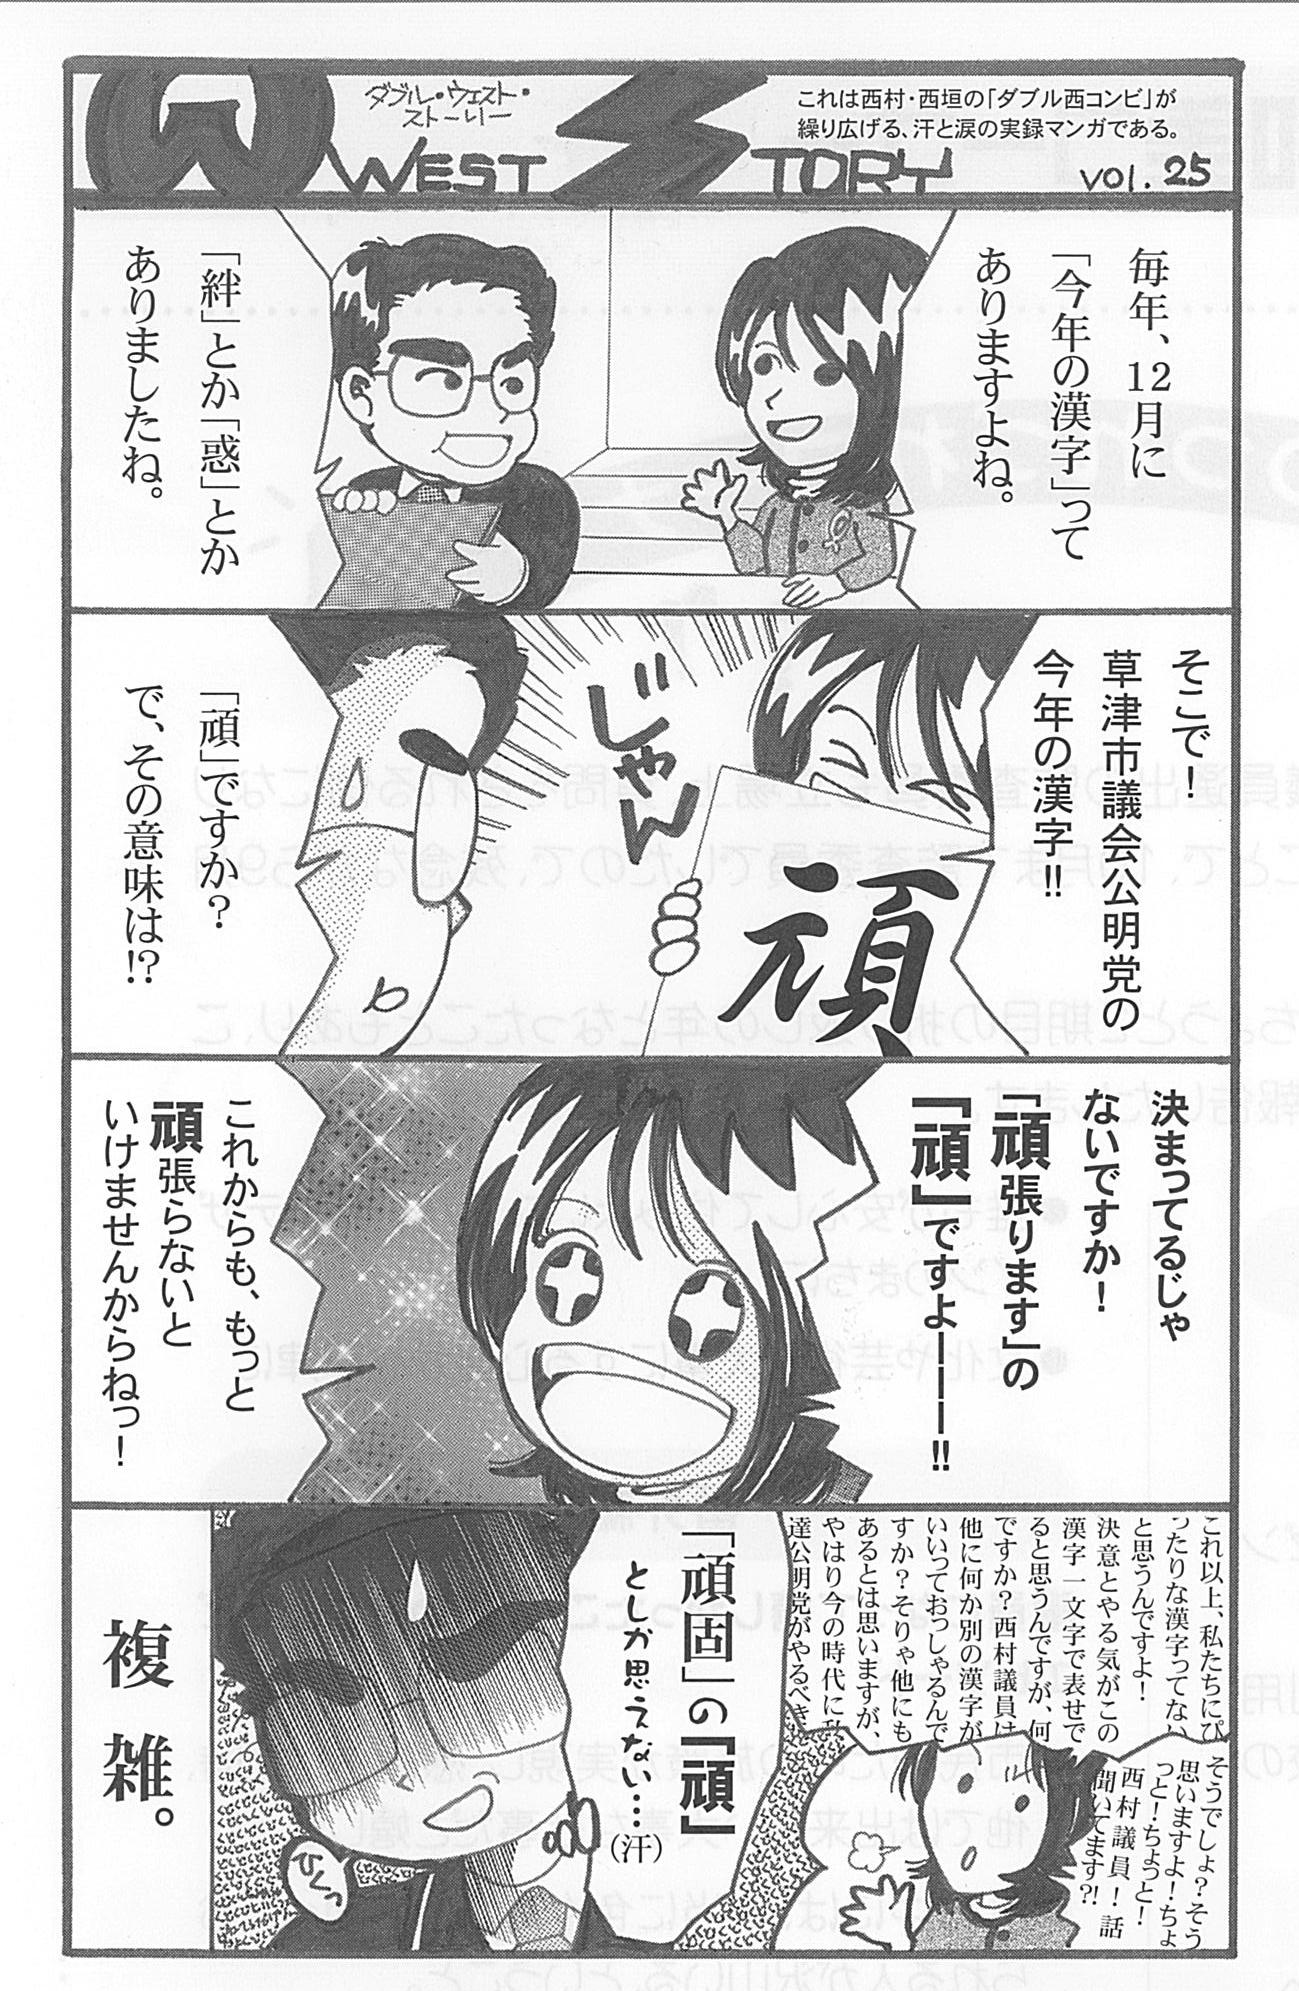 jitsuroku_vol25.jpg